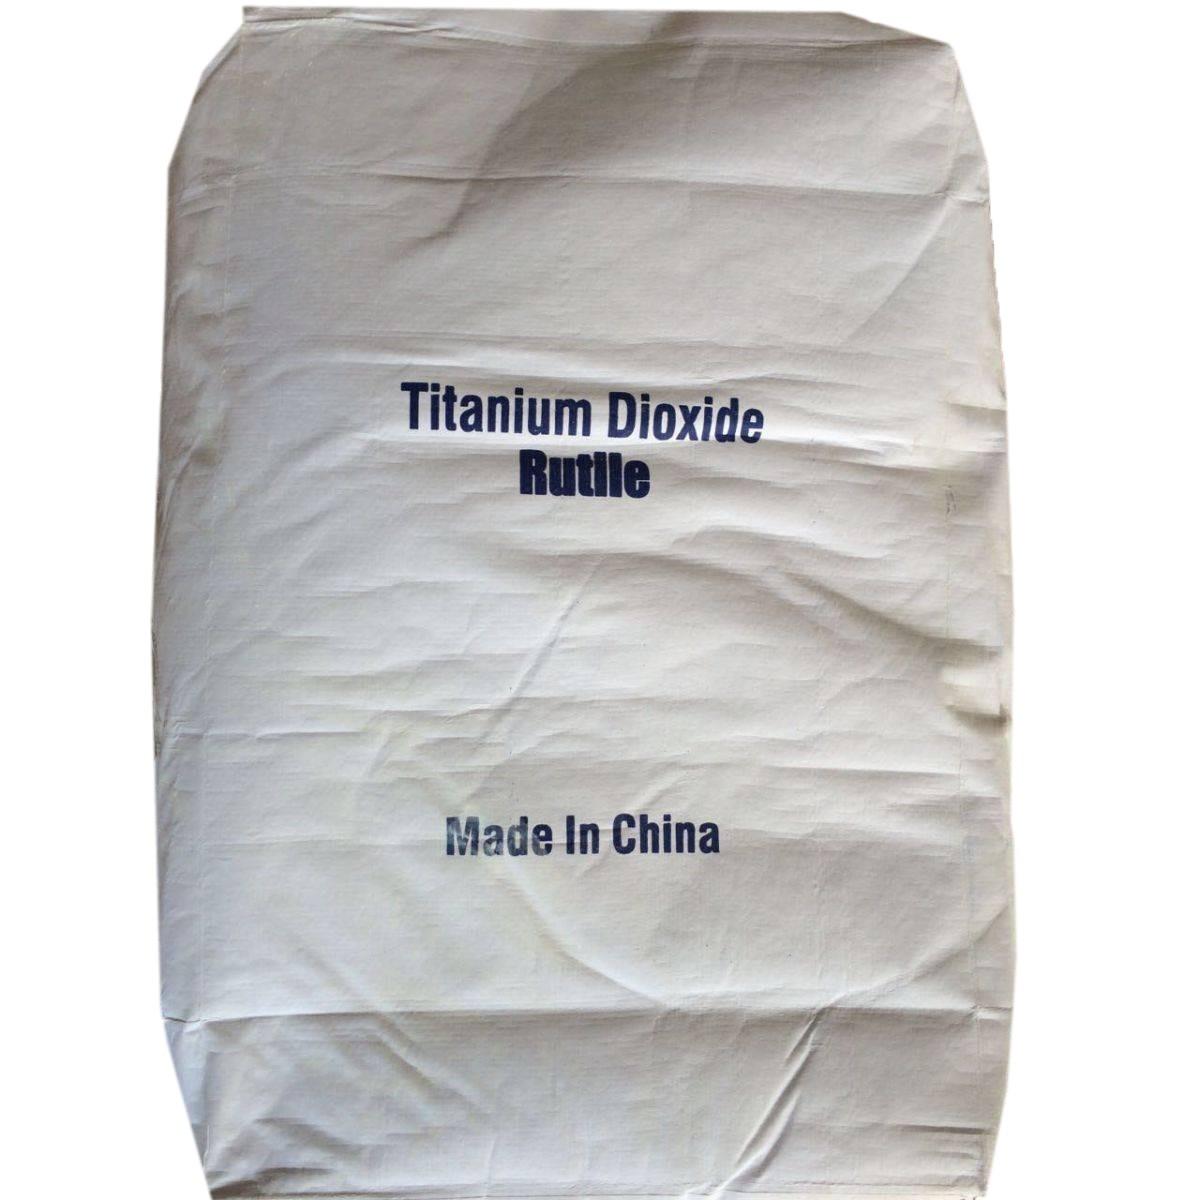 Dióxido de Titânio de 25 KG (Especificação R-2196)